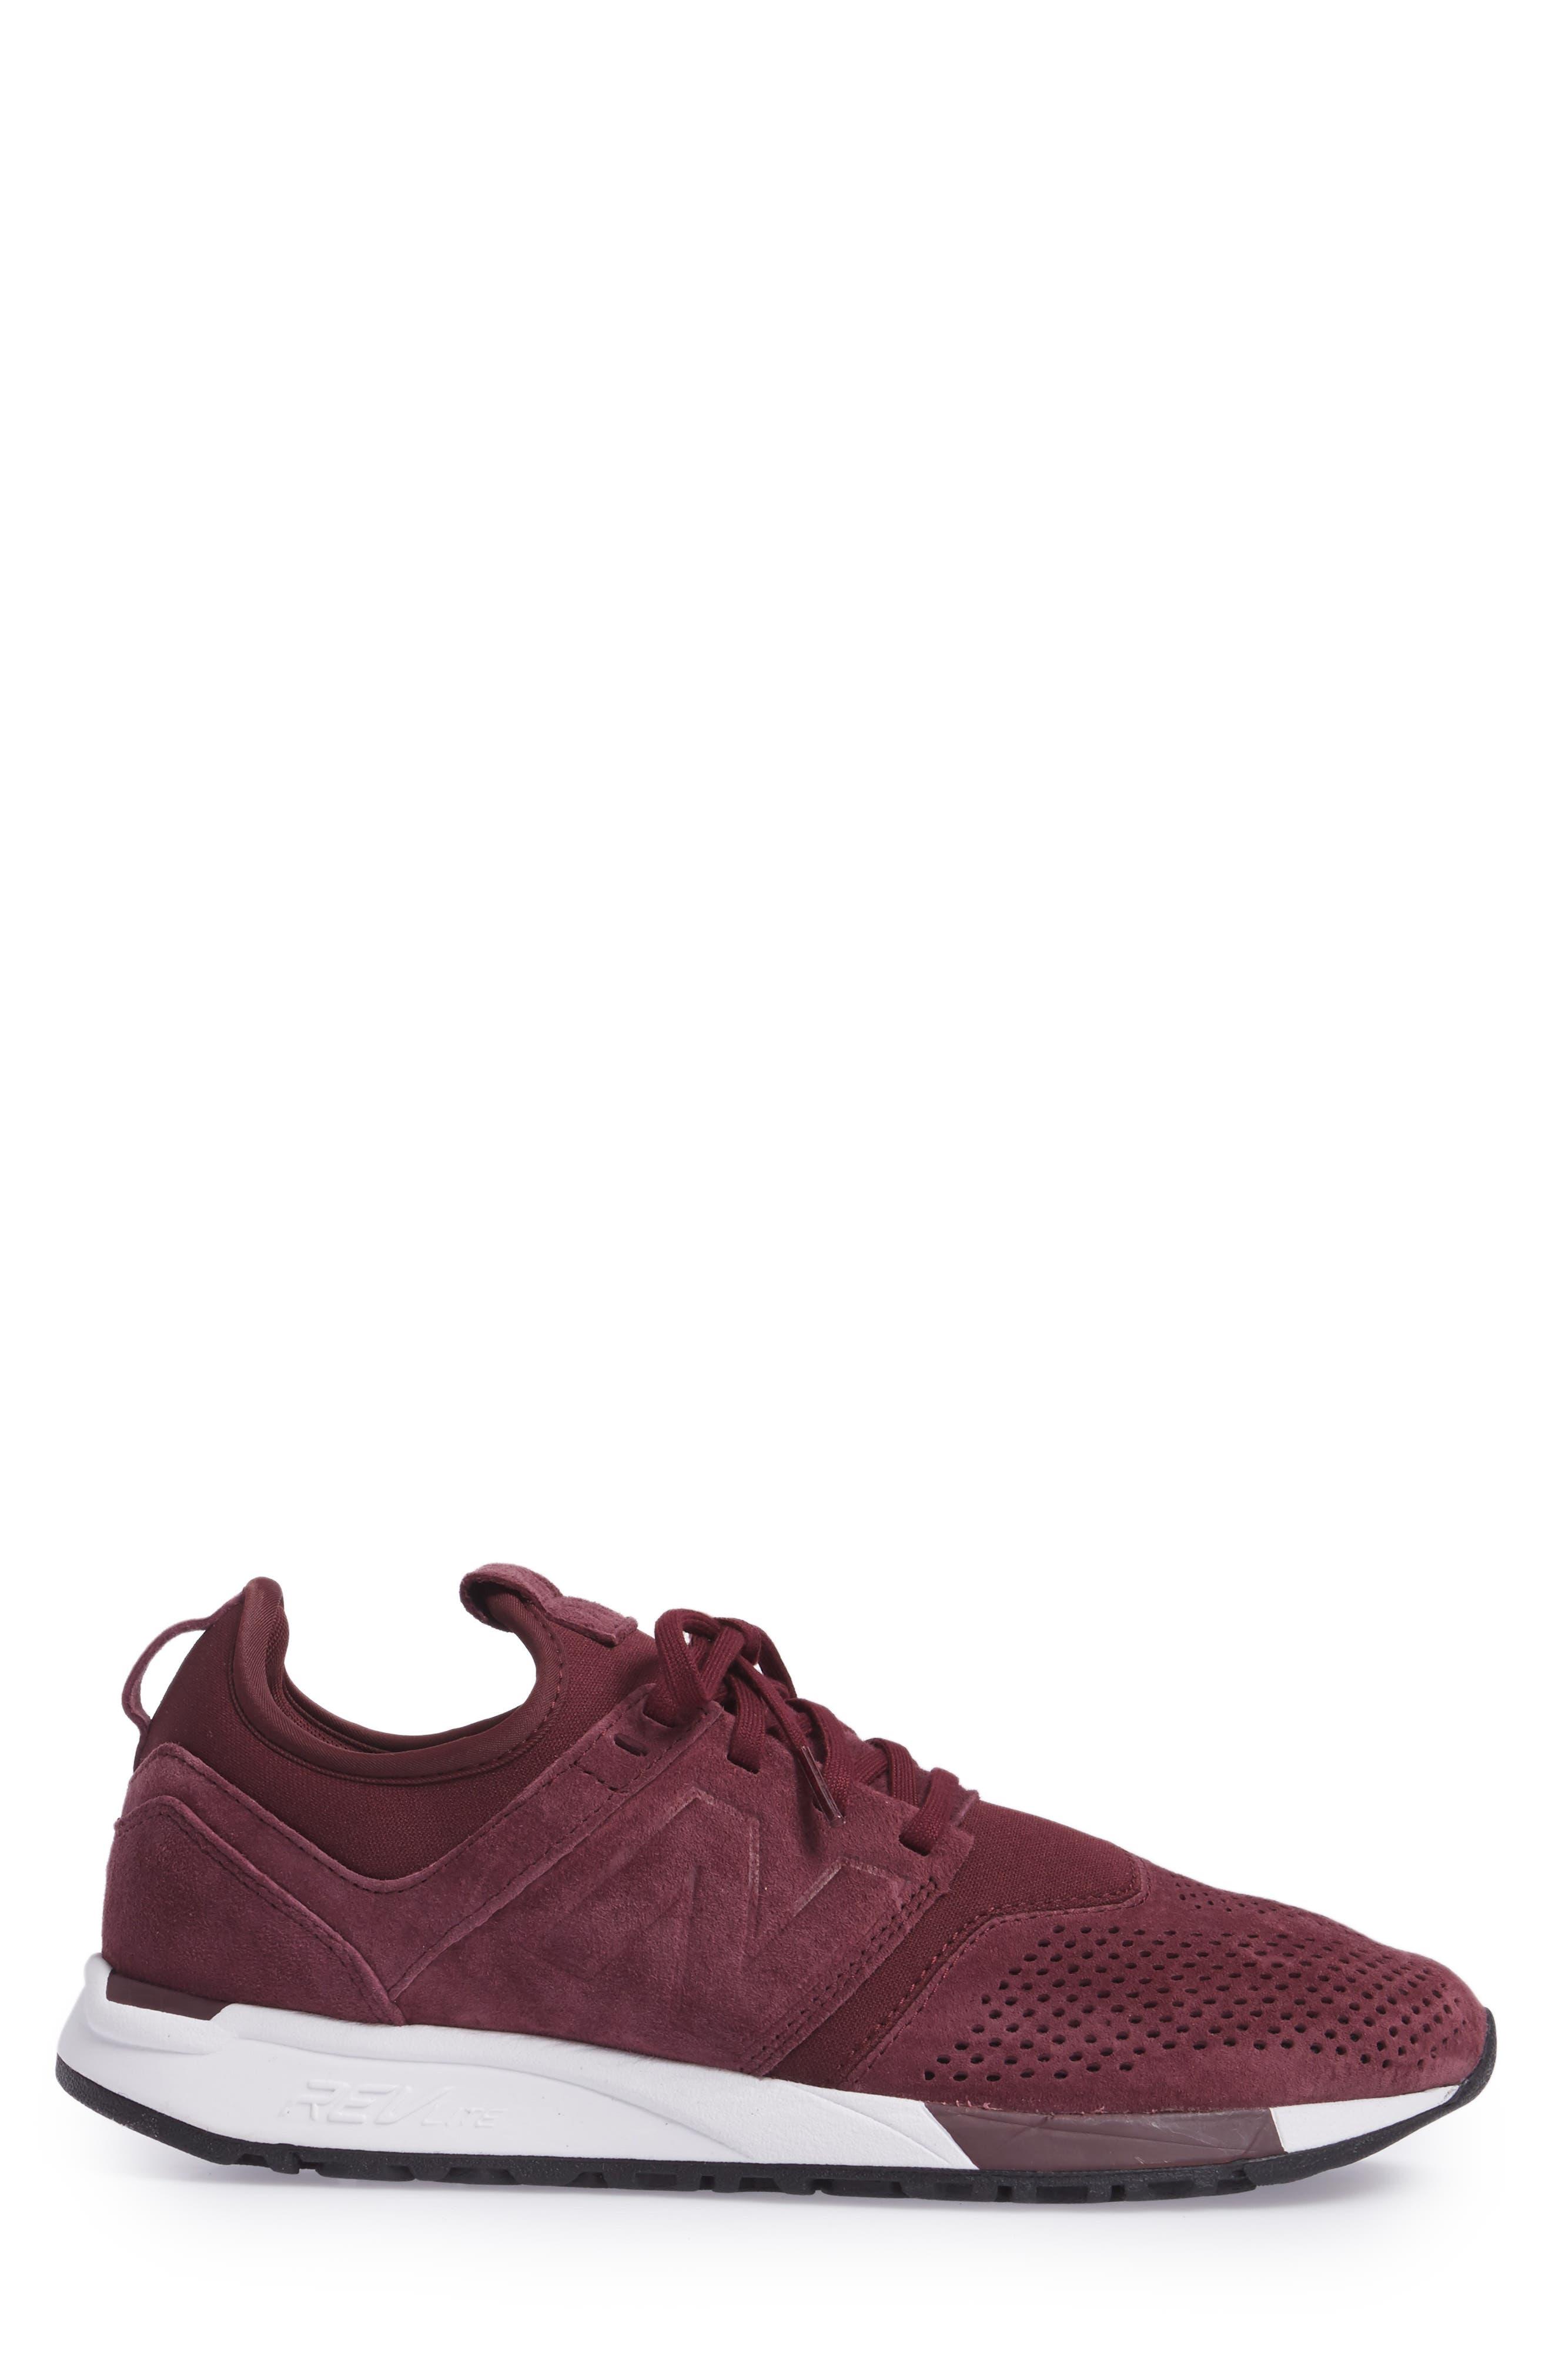 247 Sneaker,                             Alternate thumbnail 6, color,